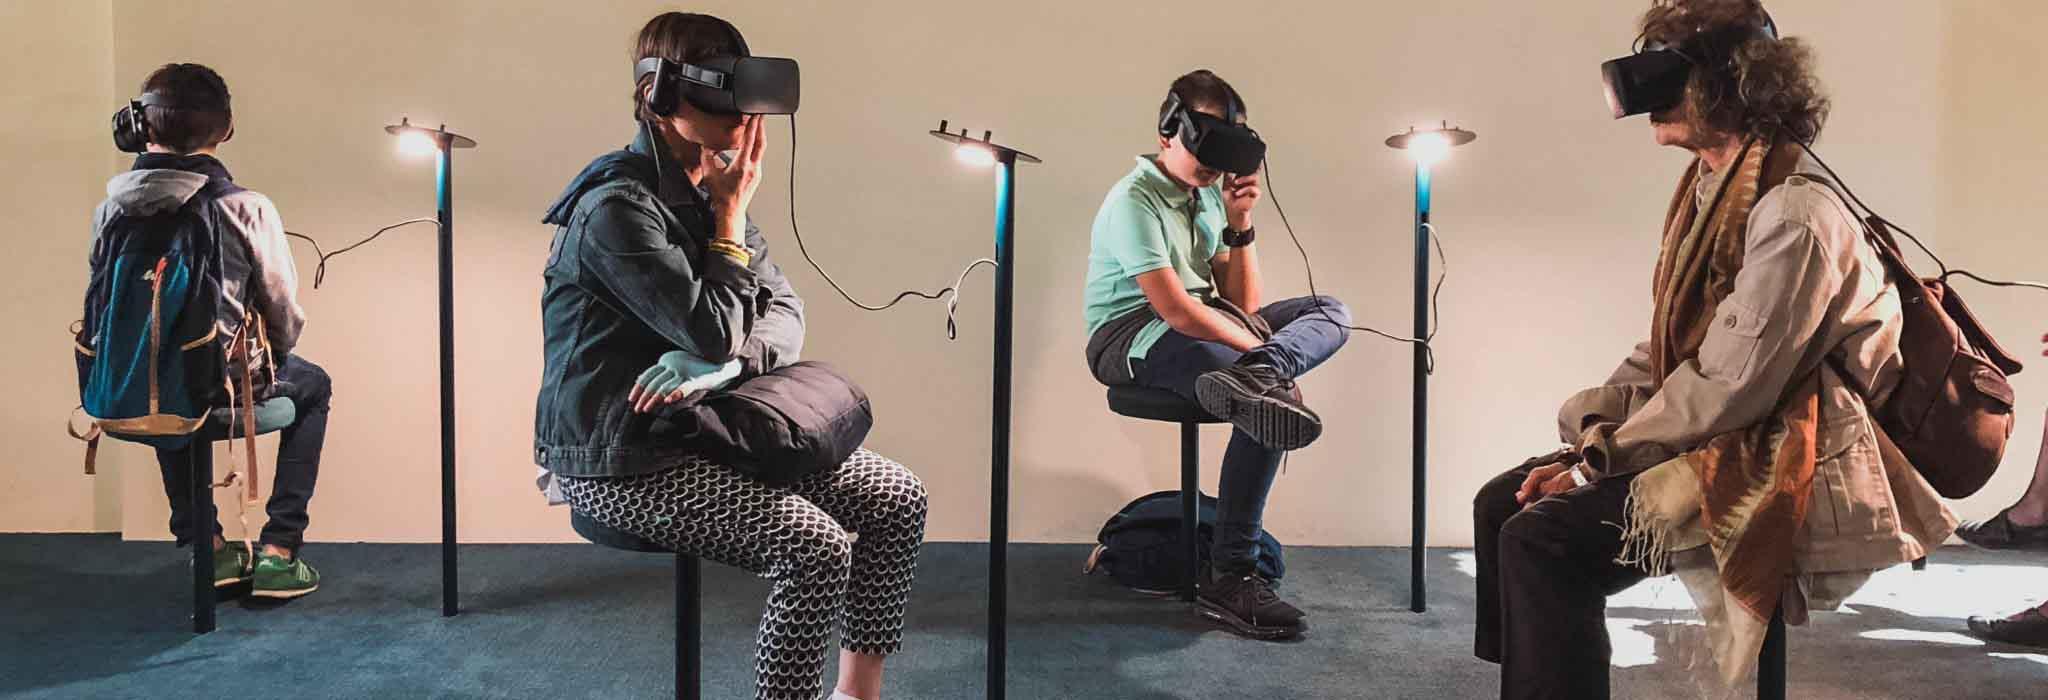 Sicilia-VR-Realtà-Virtuale-Palermo